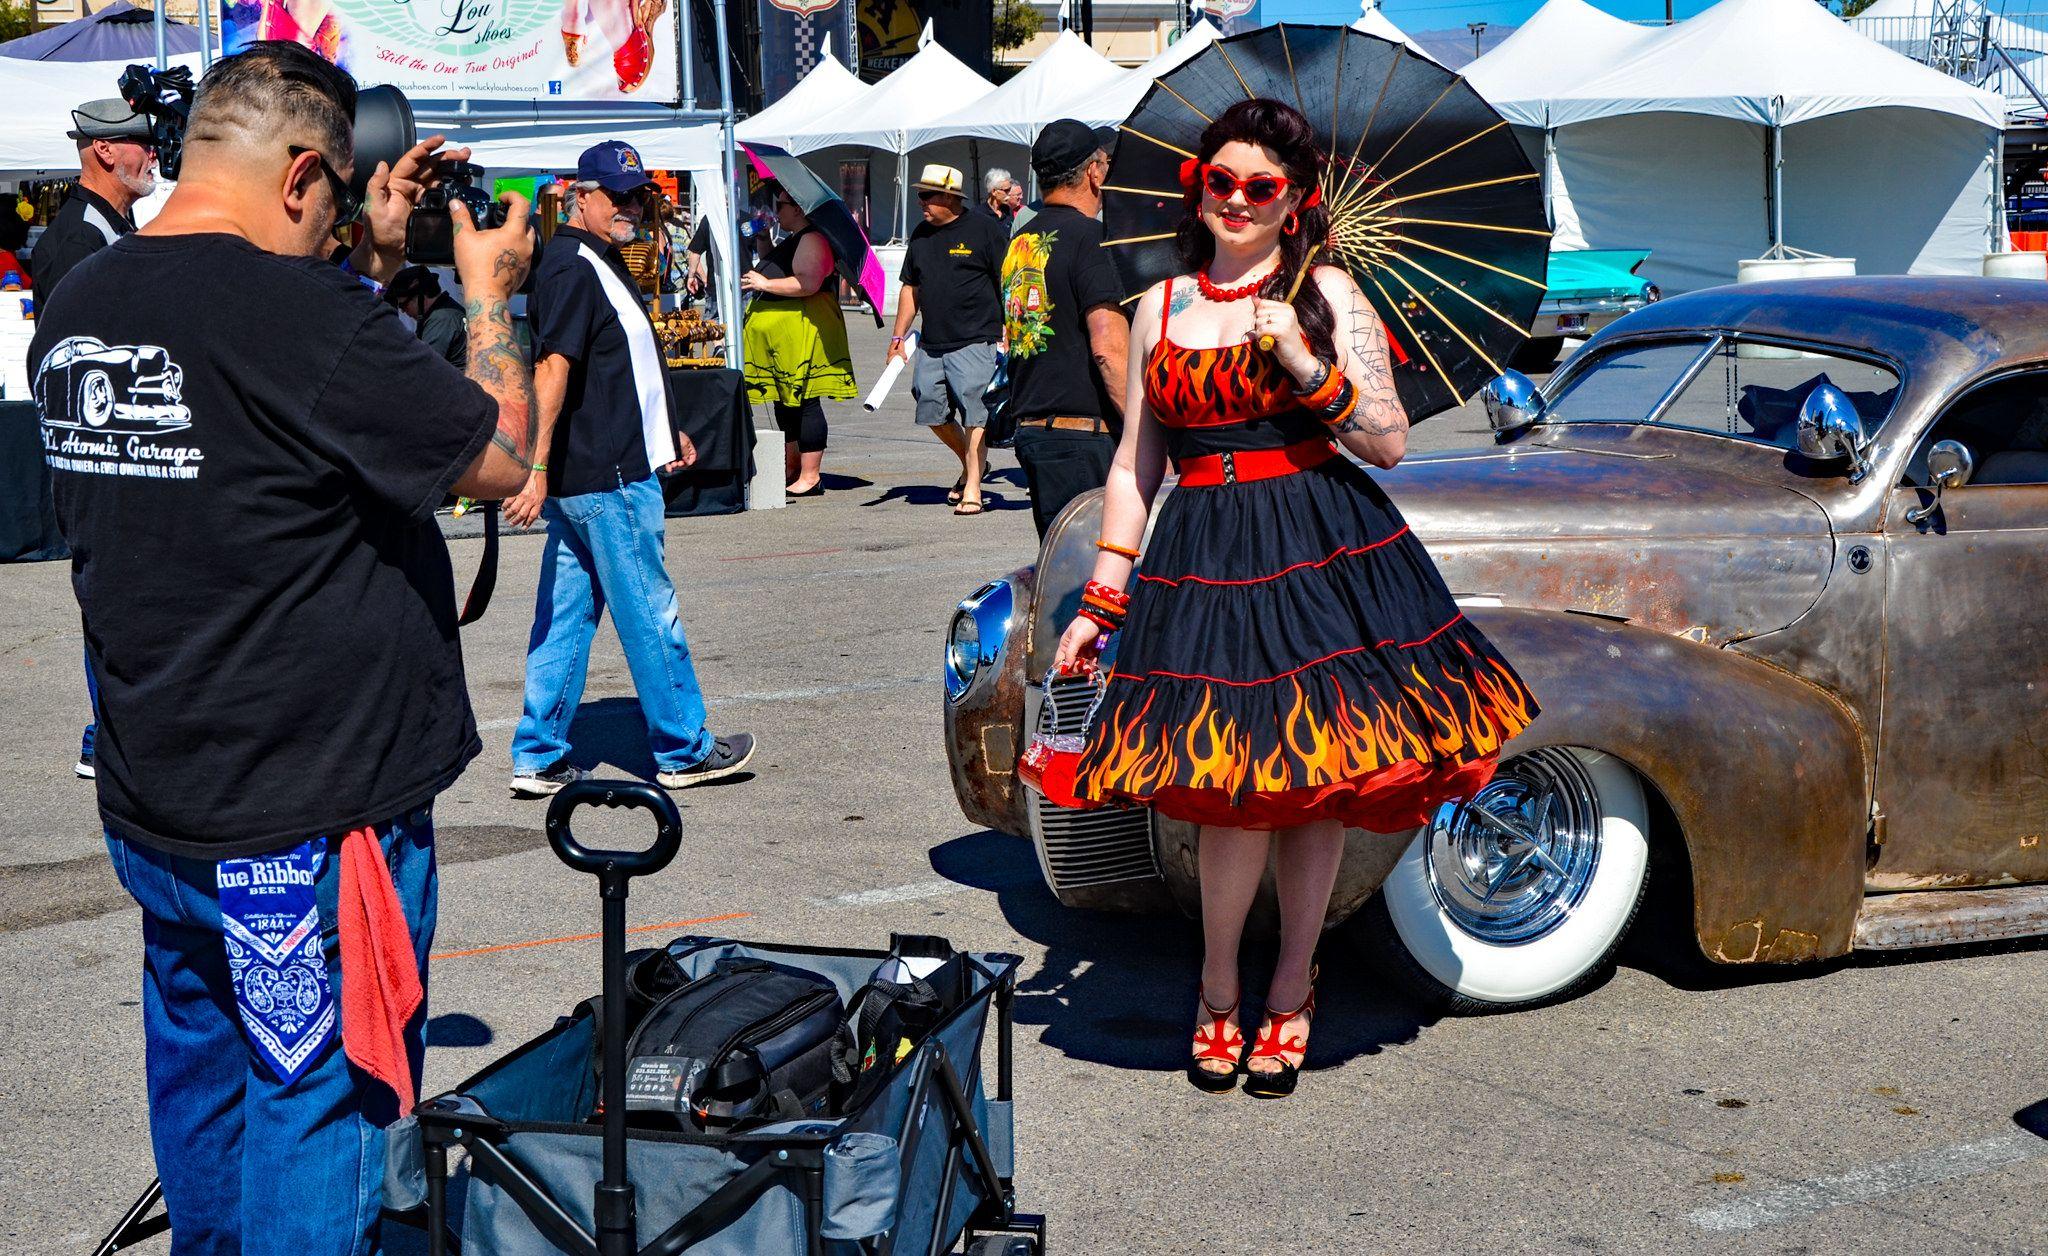 Viva Las Vegas Rockabilly Hot Rodder Car Show TDelCoro Plane - Rockabilly car show las vegas 2018